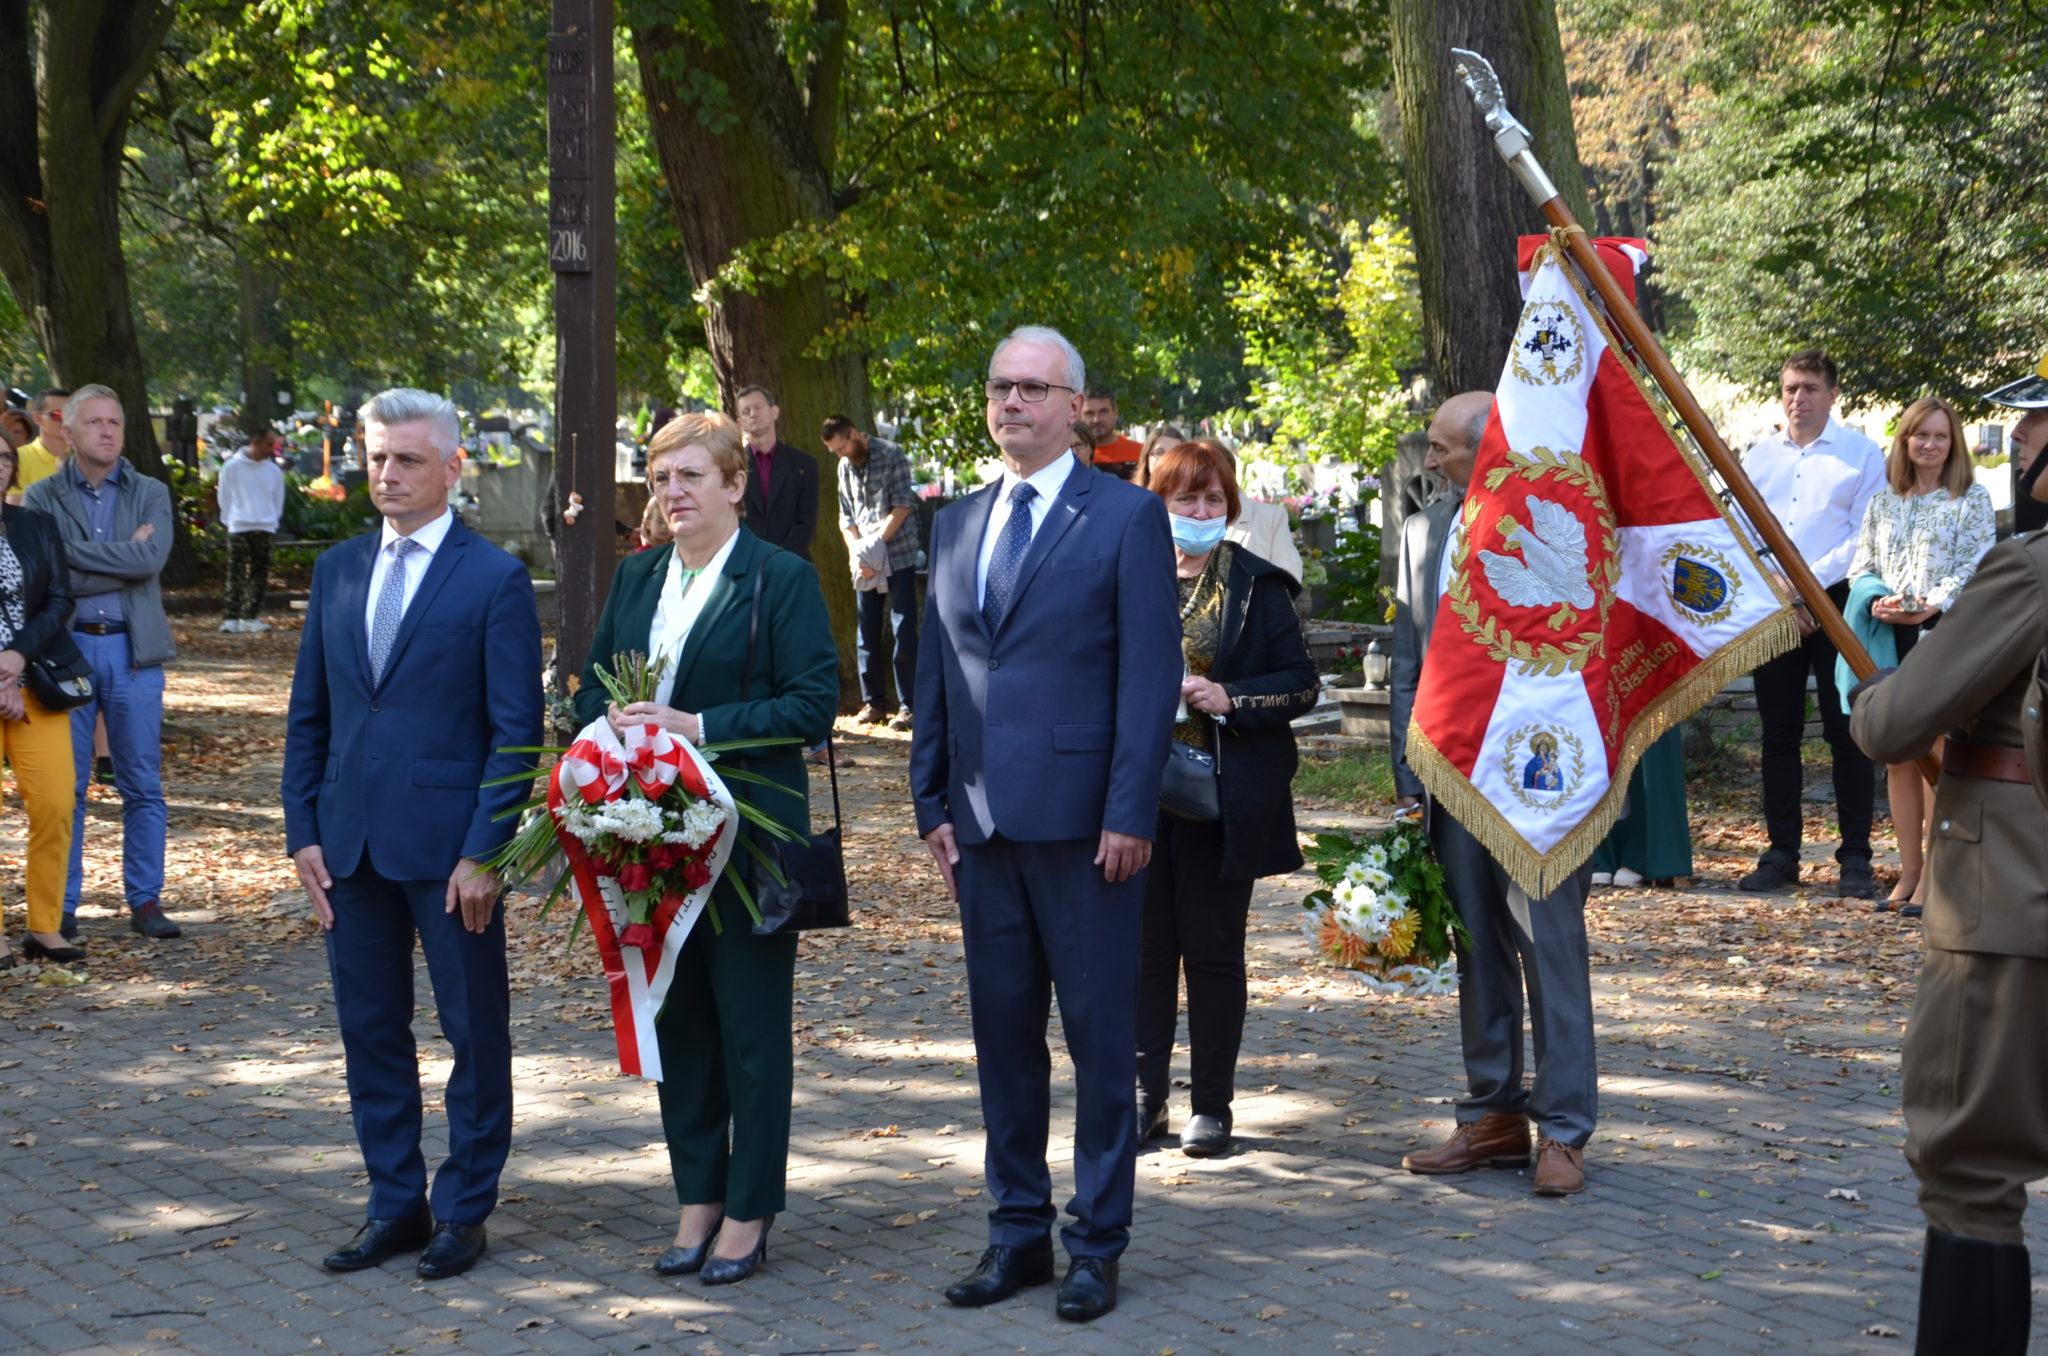 Krystyna Kosmala Starosta Tarnogórski w rękach trzyma kwiaty,obok stoją Krzytof Łoziński, Sebastian Nowak,